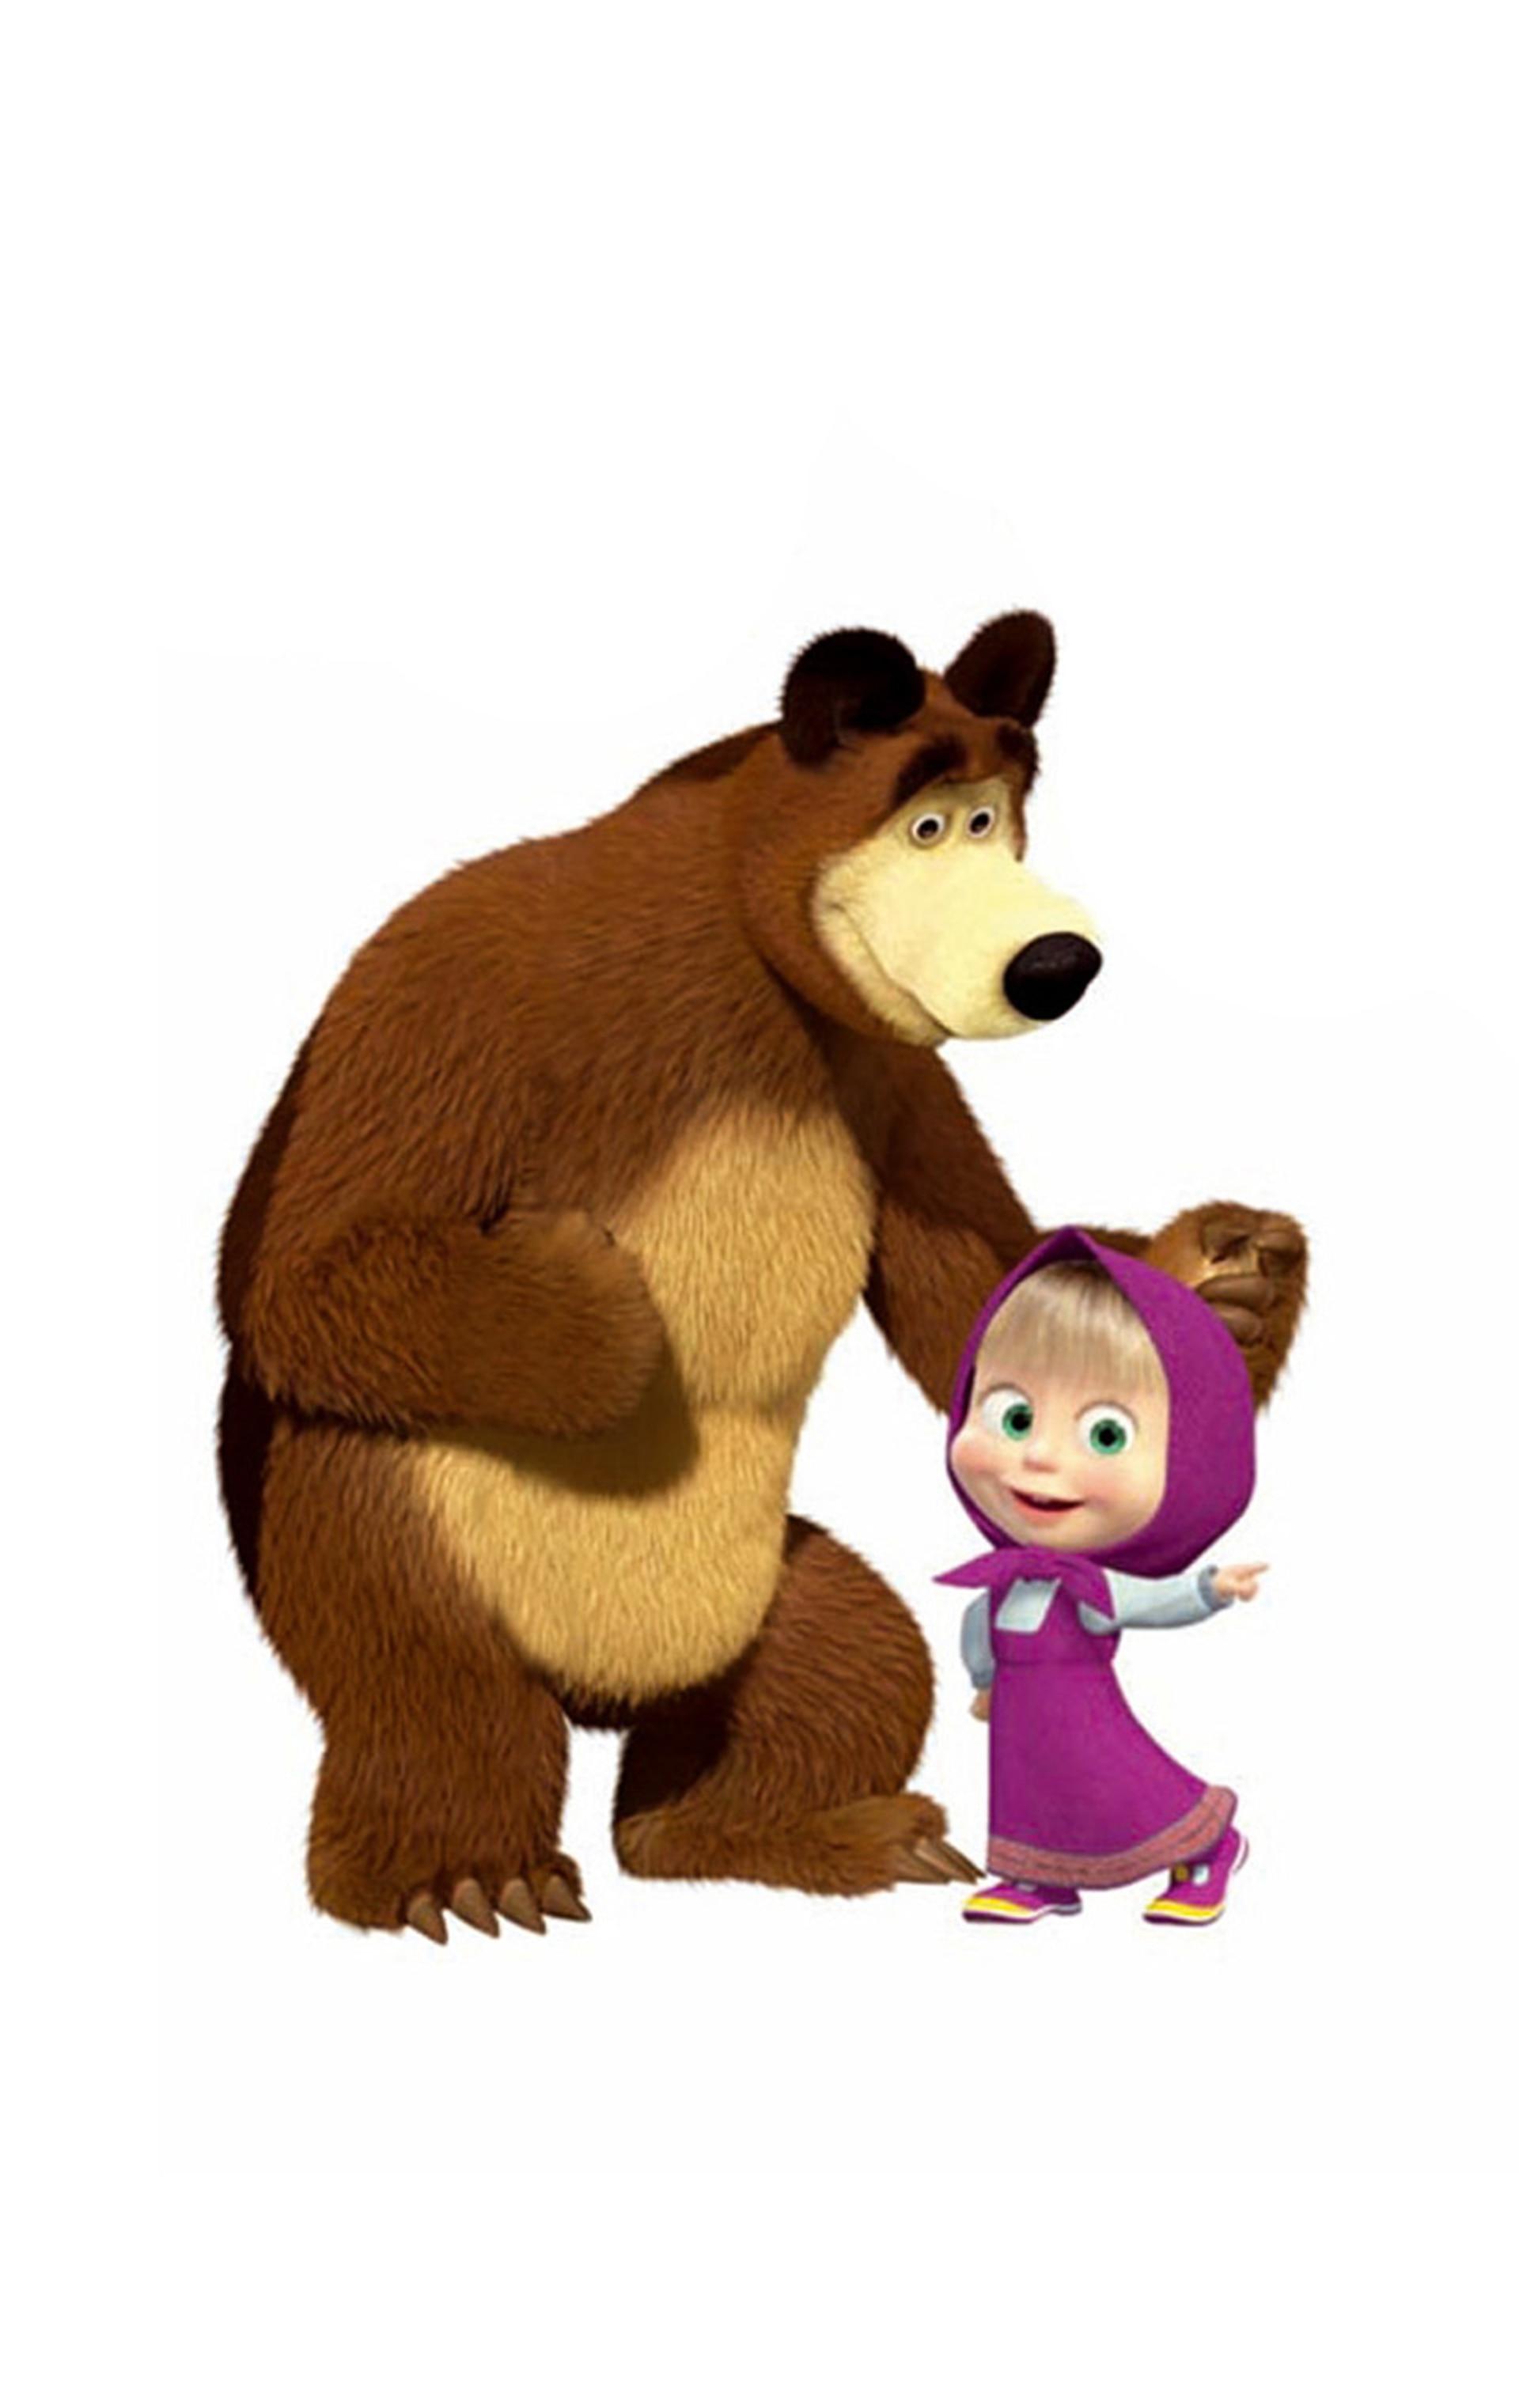 En 2009, un estudio de animación ruso creó un dibujo en 3D con una ambición histórica: competir con Mickey Mouse.